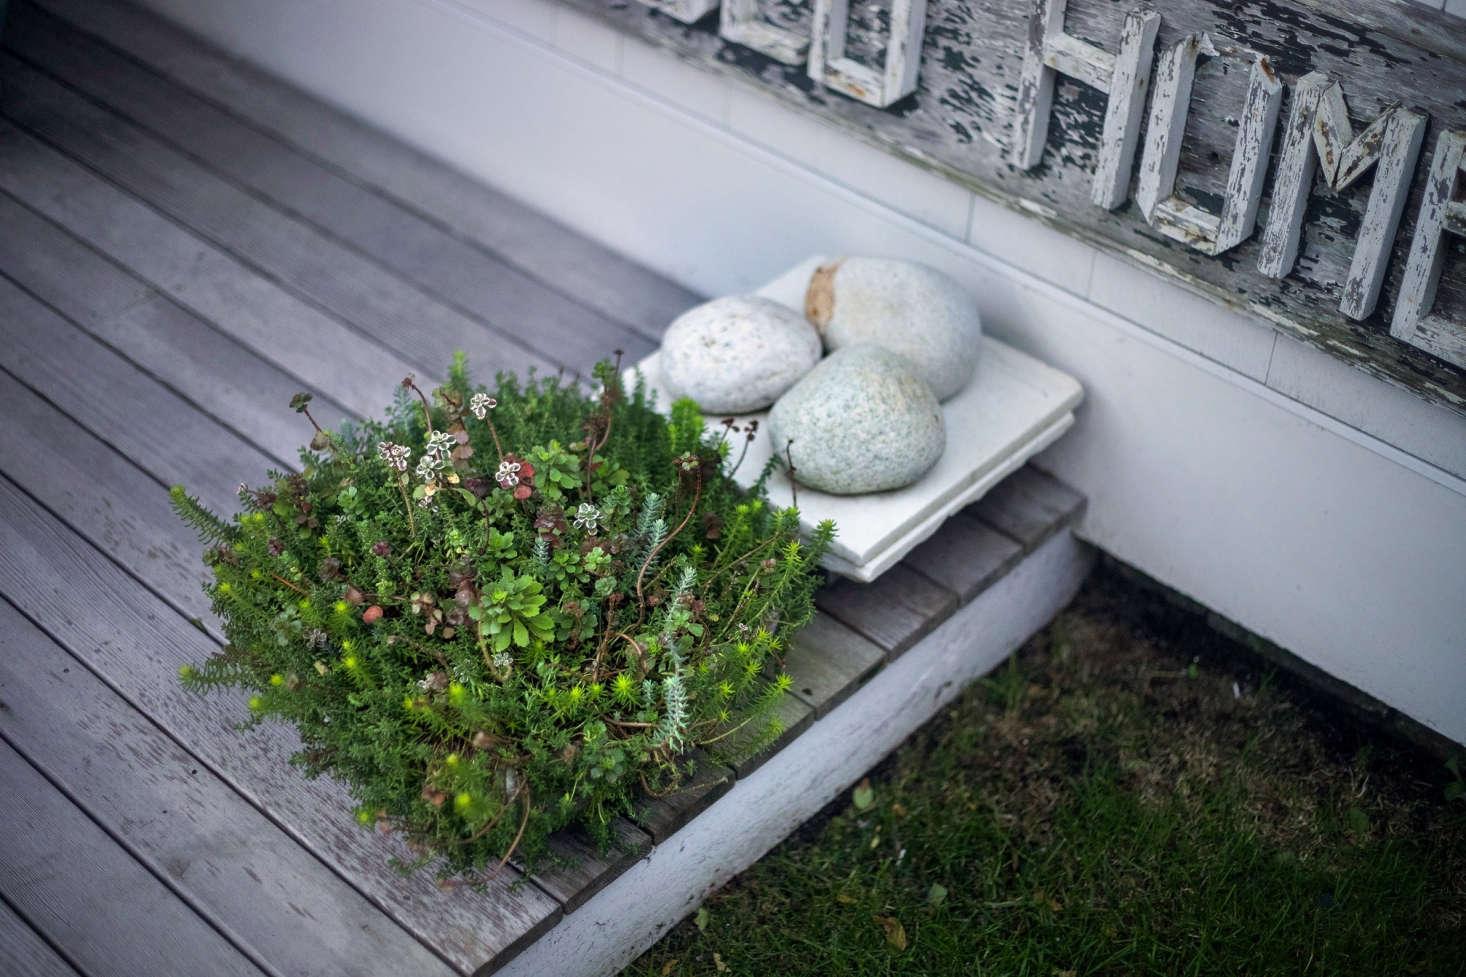 在走廊里的小庭院:——一层的小石头,还有一棵小花园的木树。